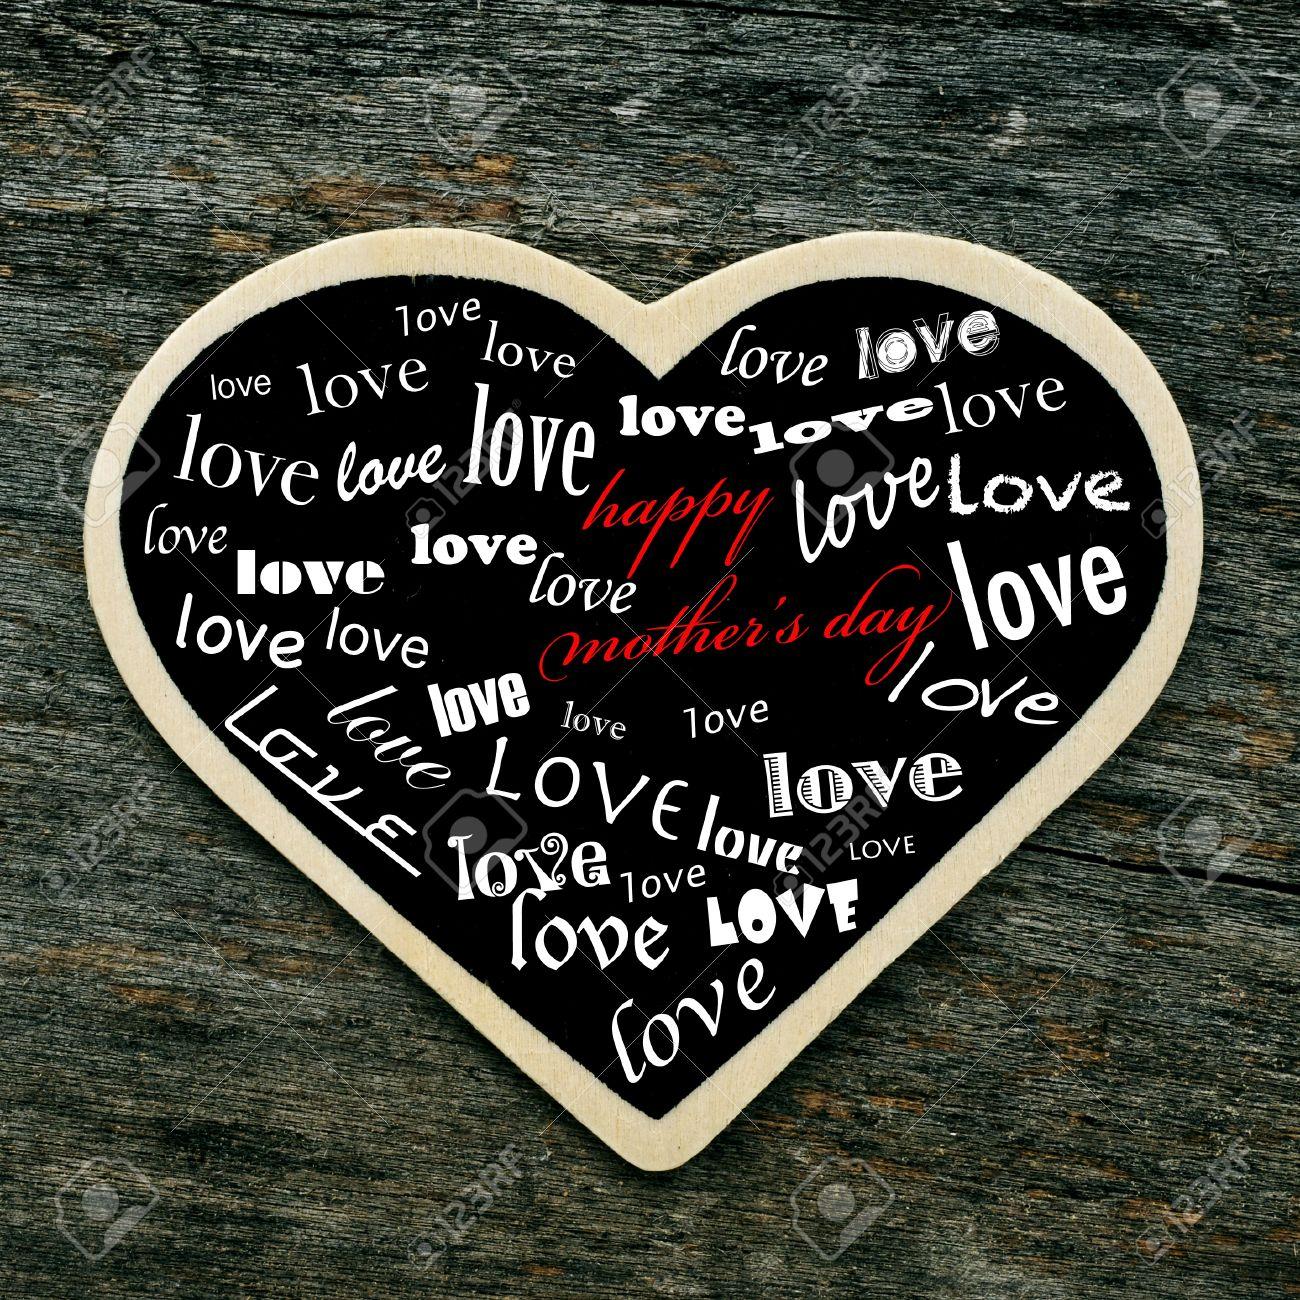 Frase Feliz Madres Dia Y La Palabra Amor Escrita En Muchas Fuentes